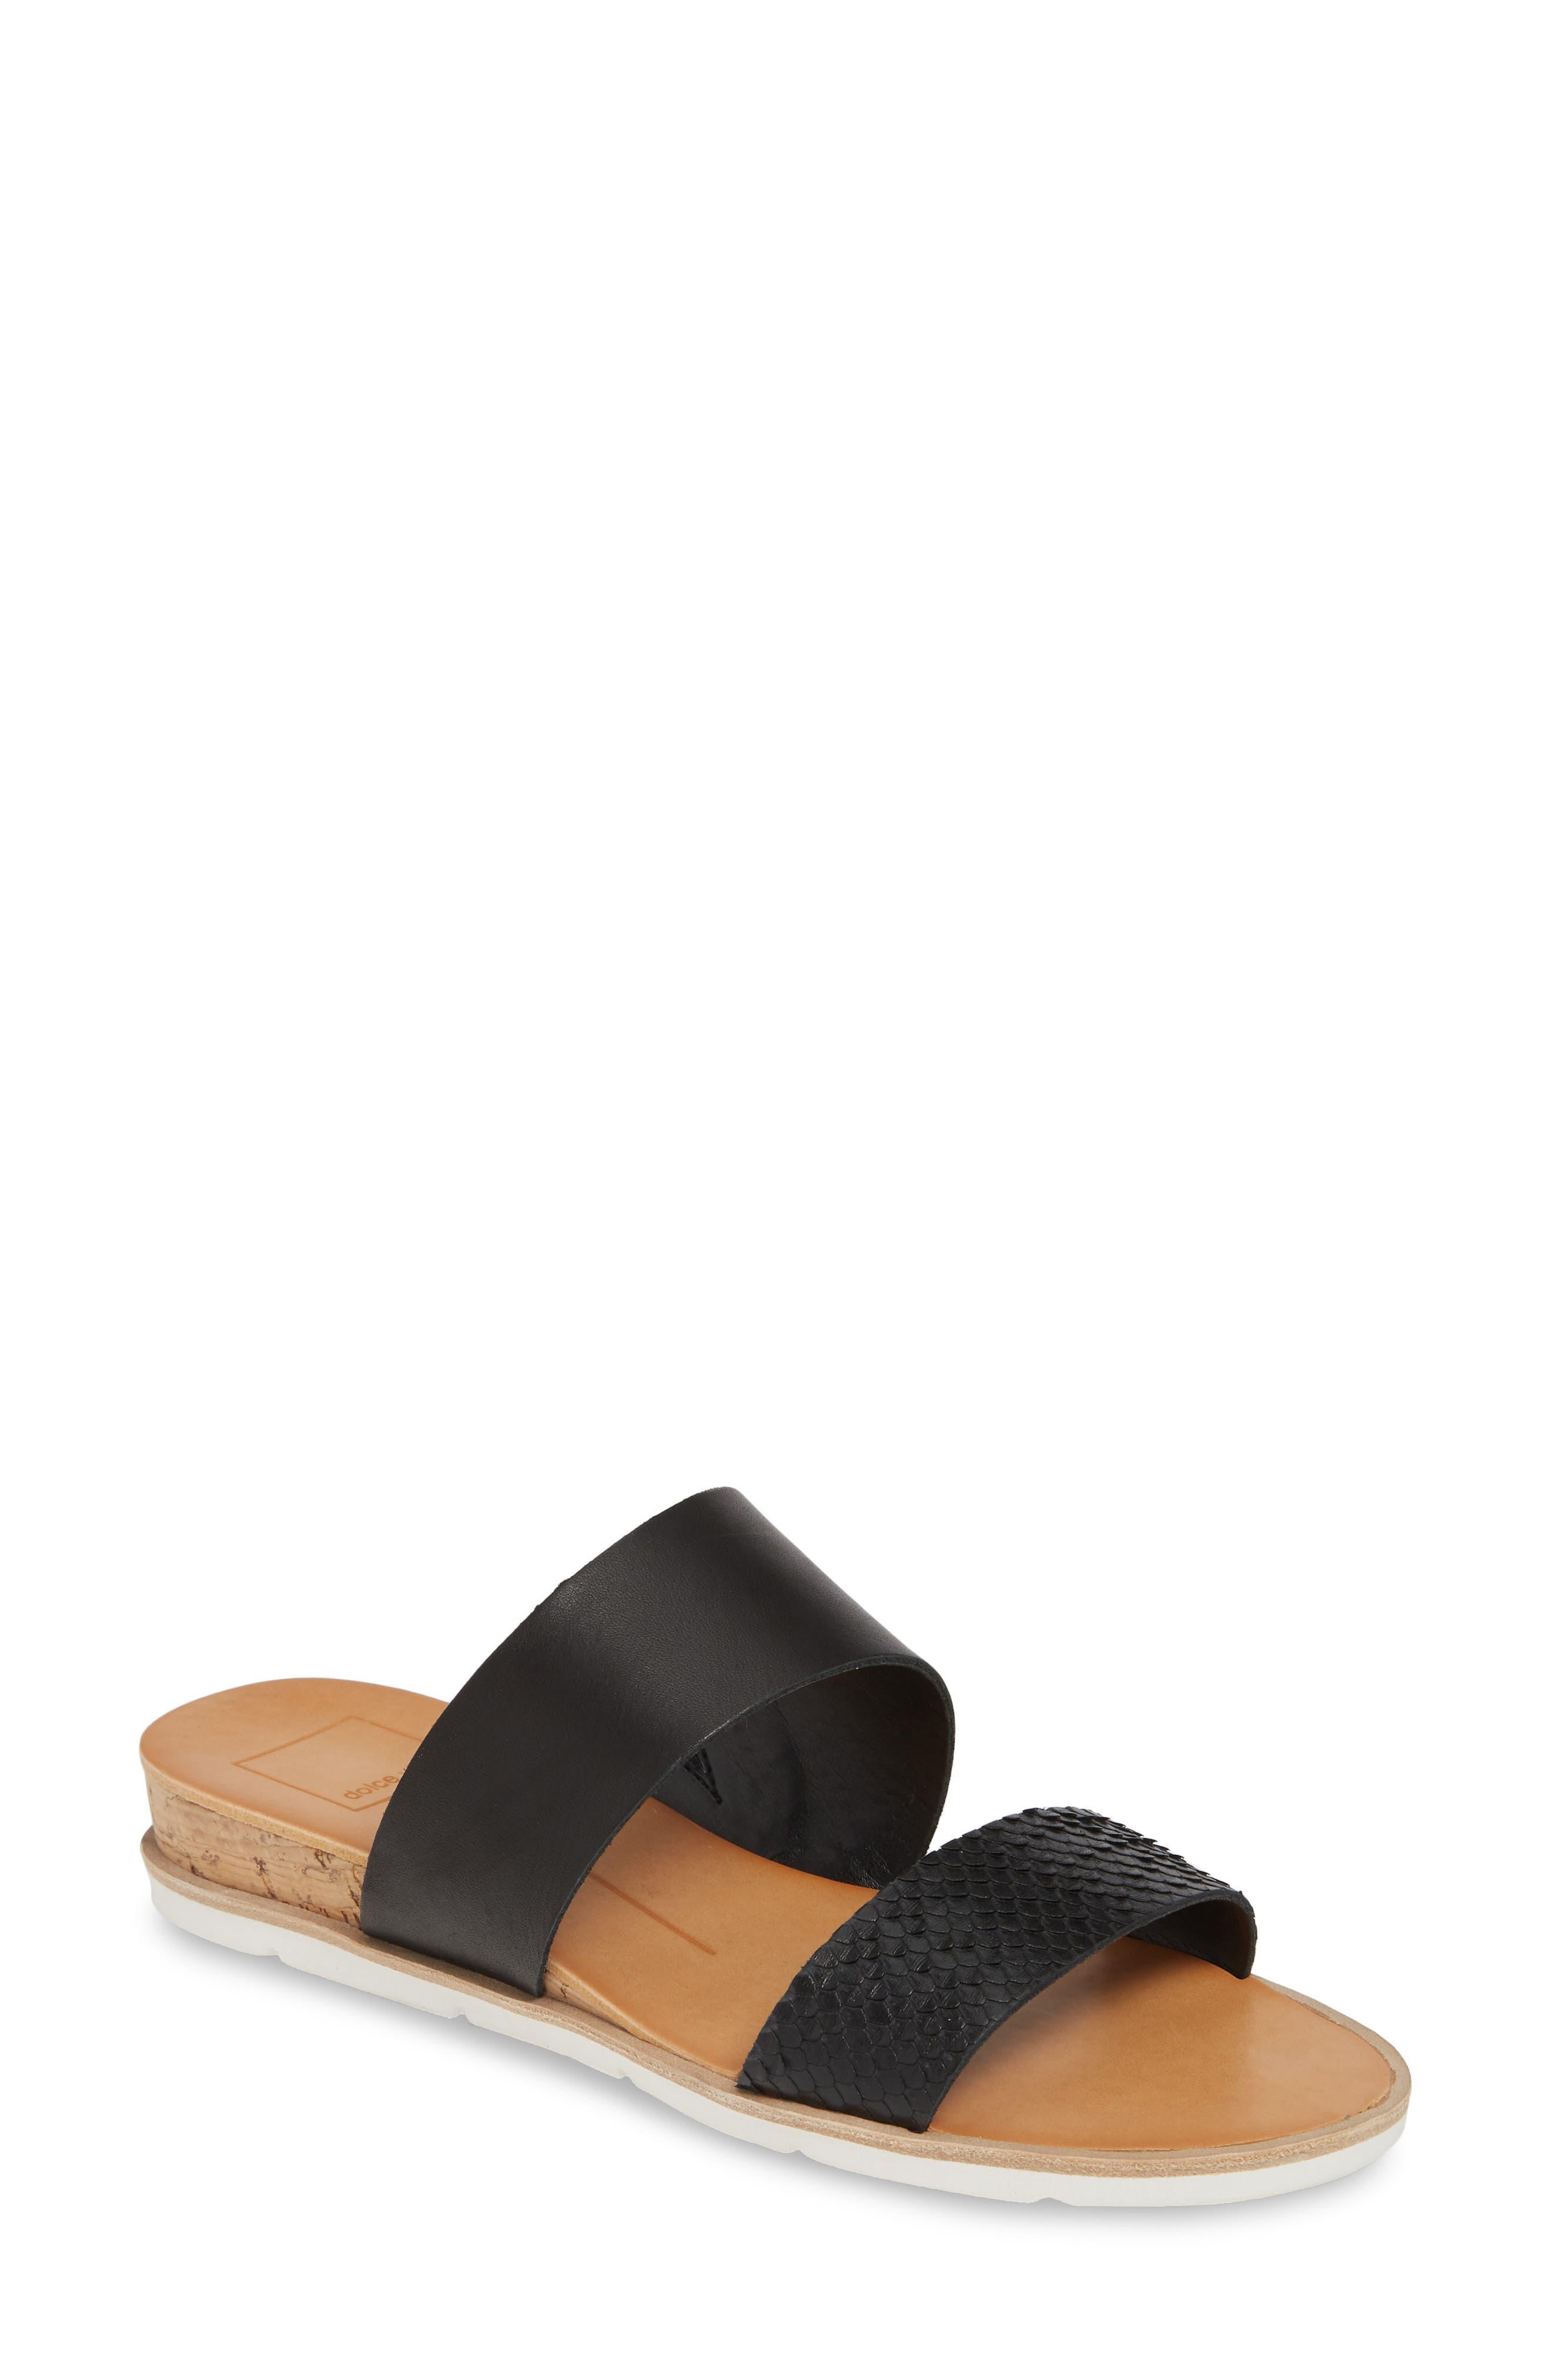 Vala Wedge Slide Sandal, Main, color, BLACK LEATHER